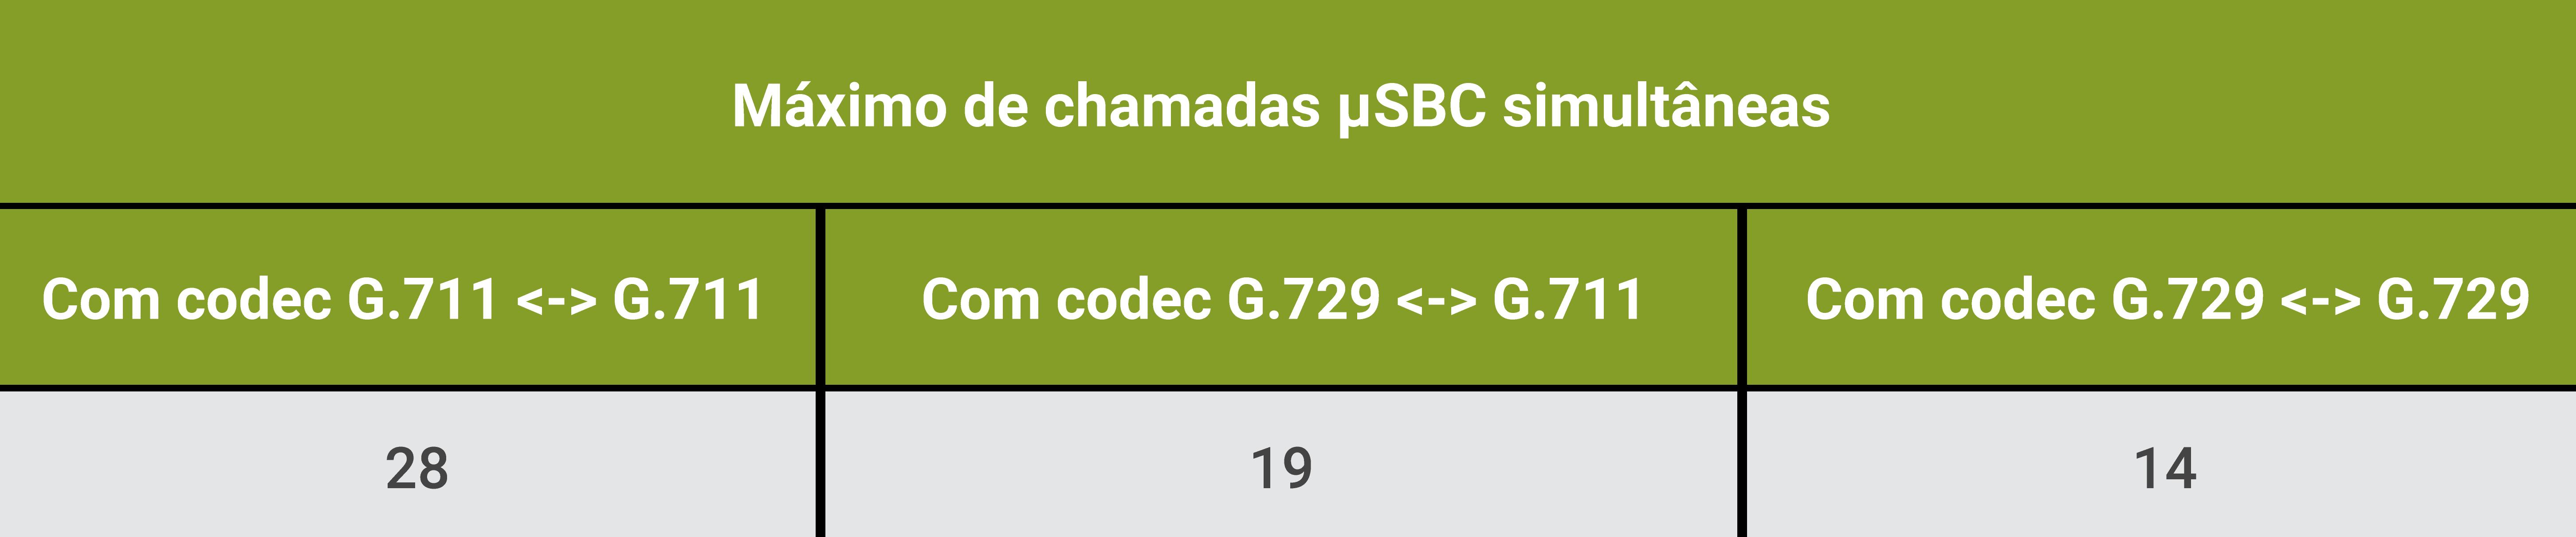 Máximo de chamadas µSBC